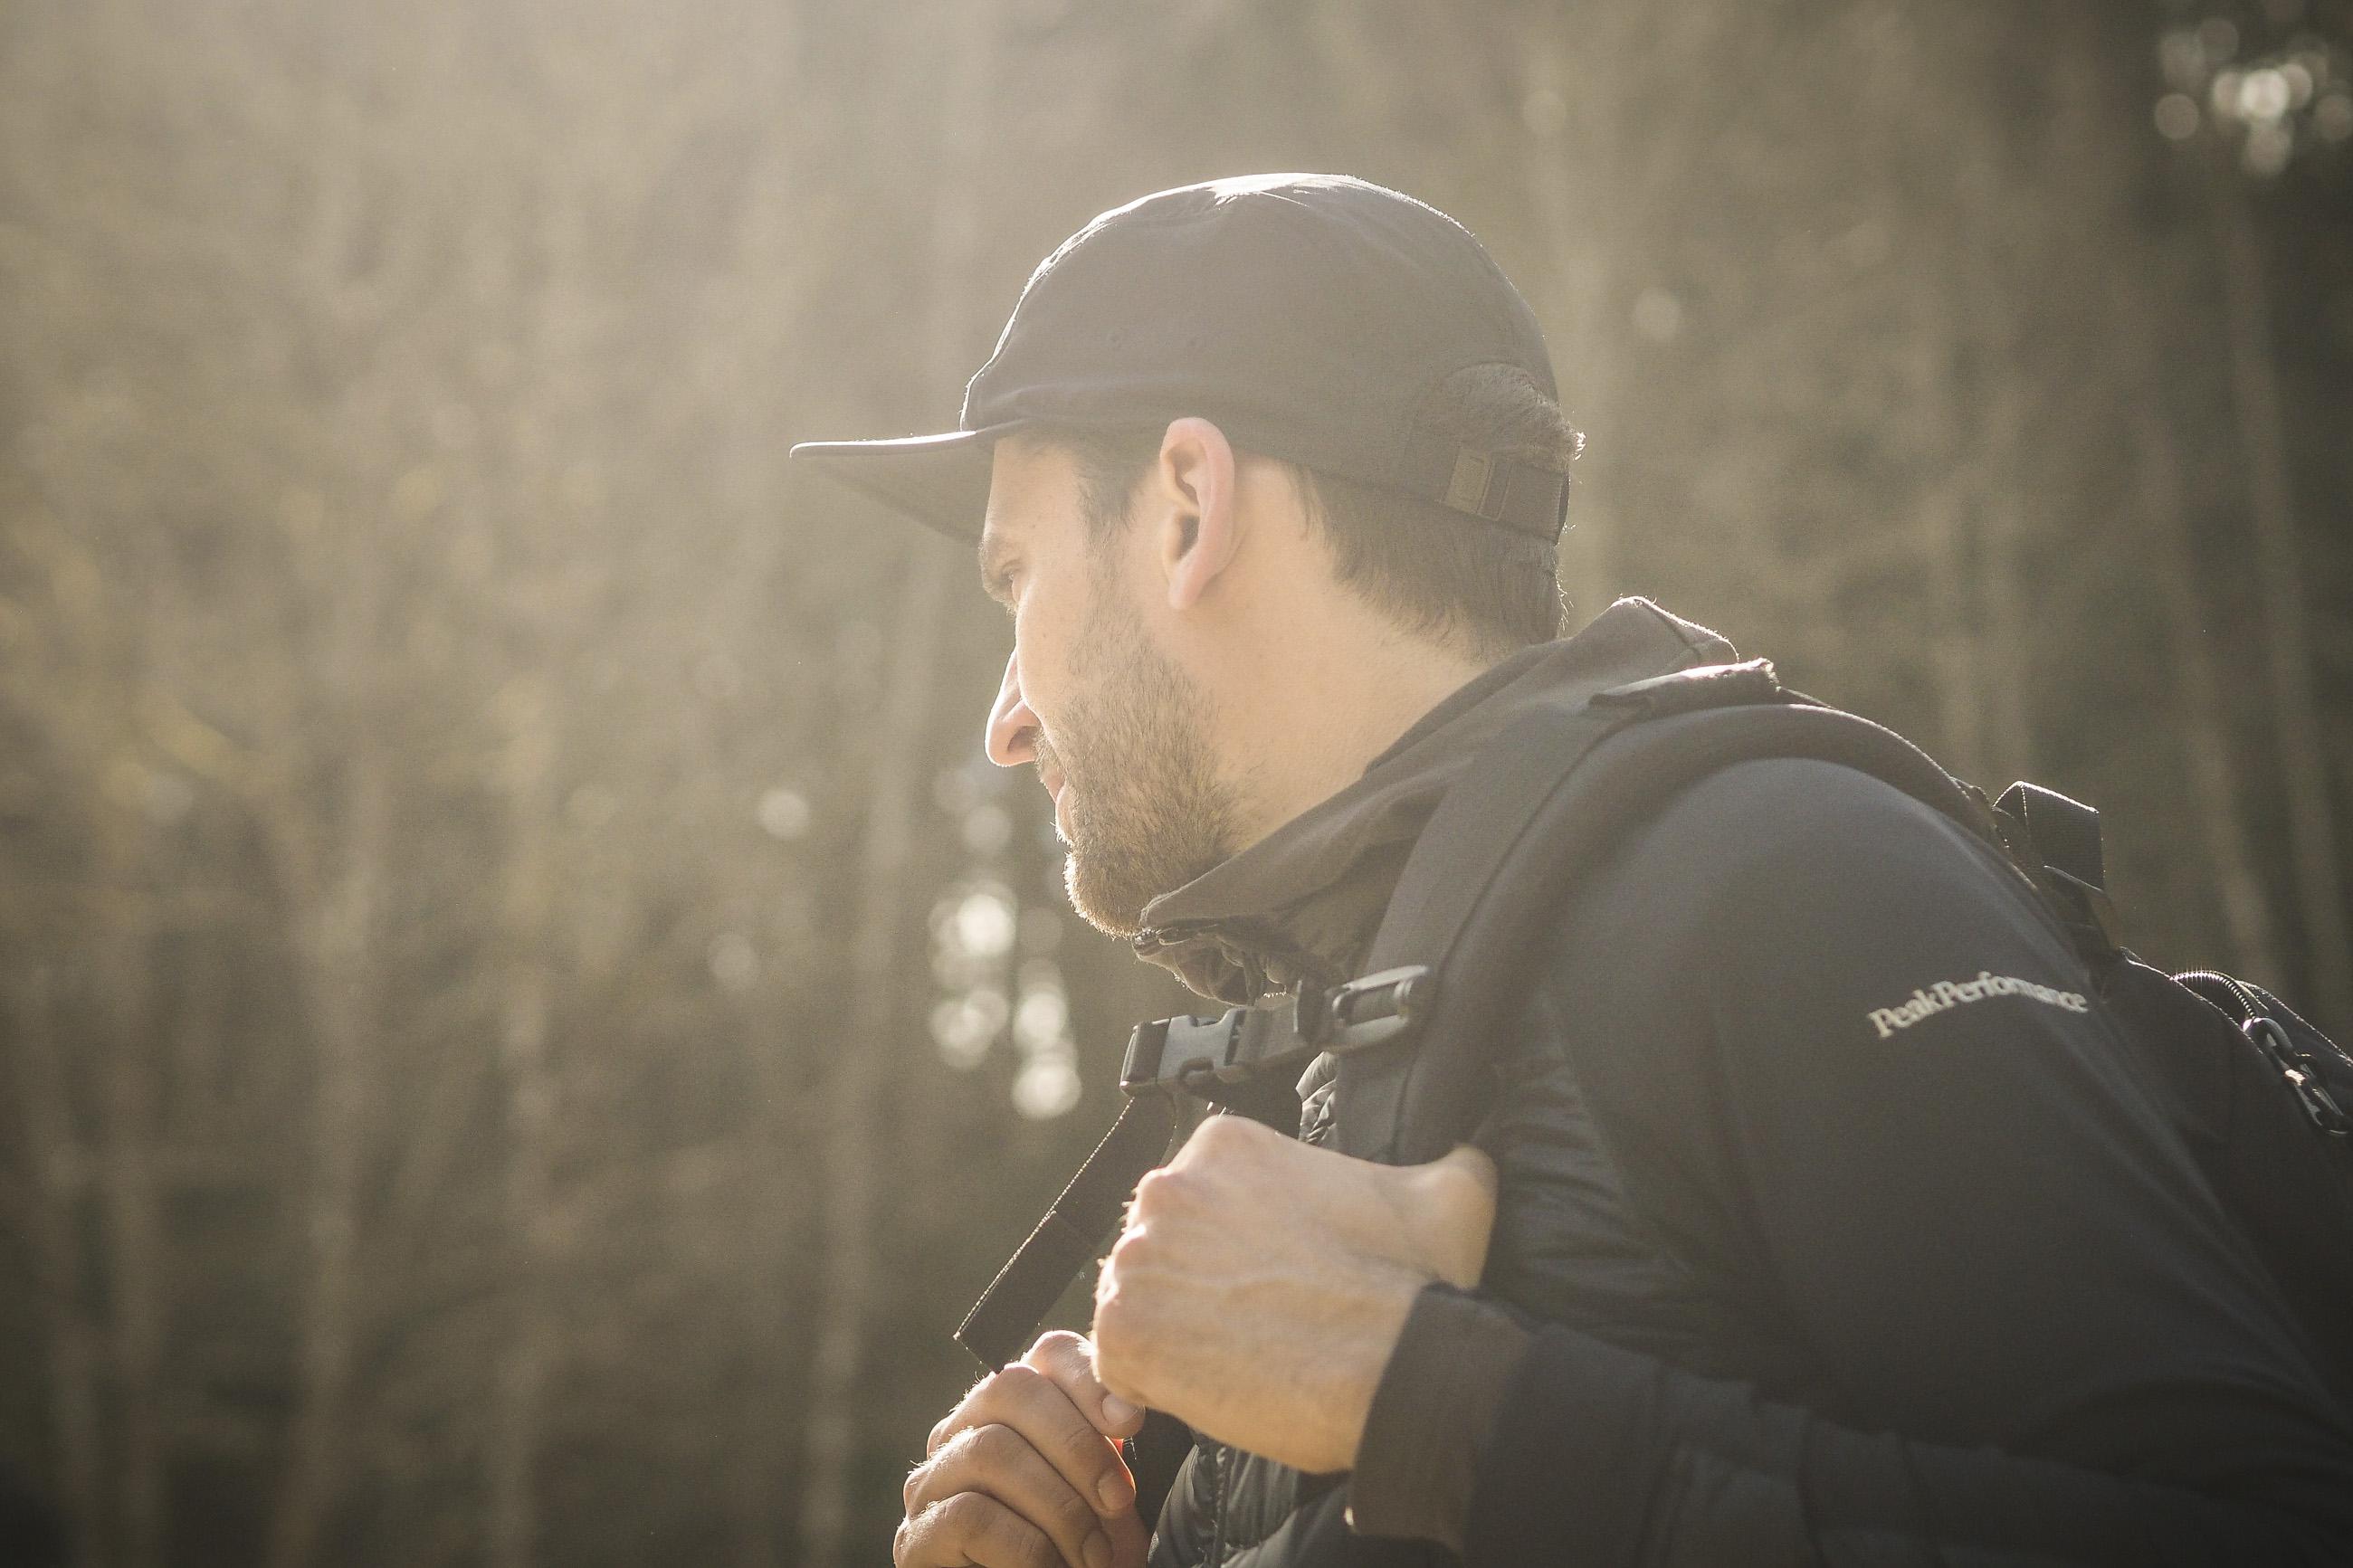 peak-performance-hiking-experience-10